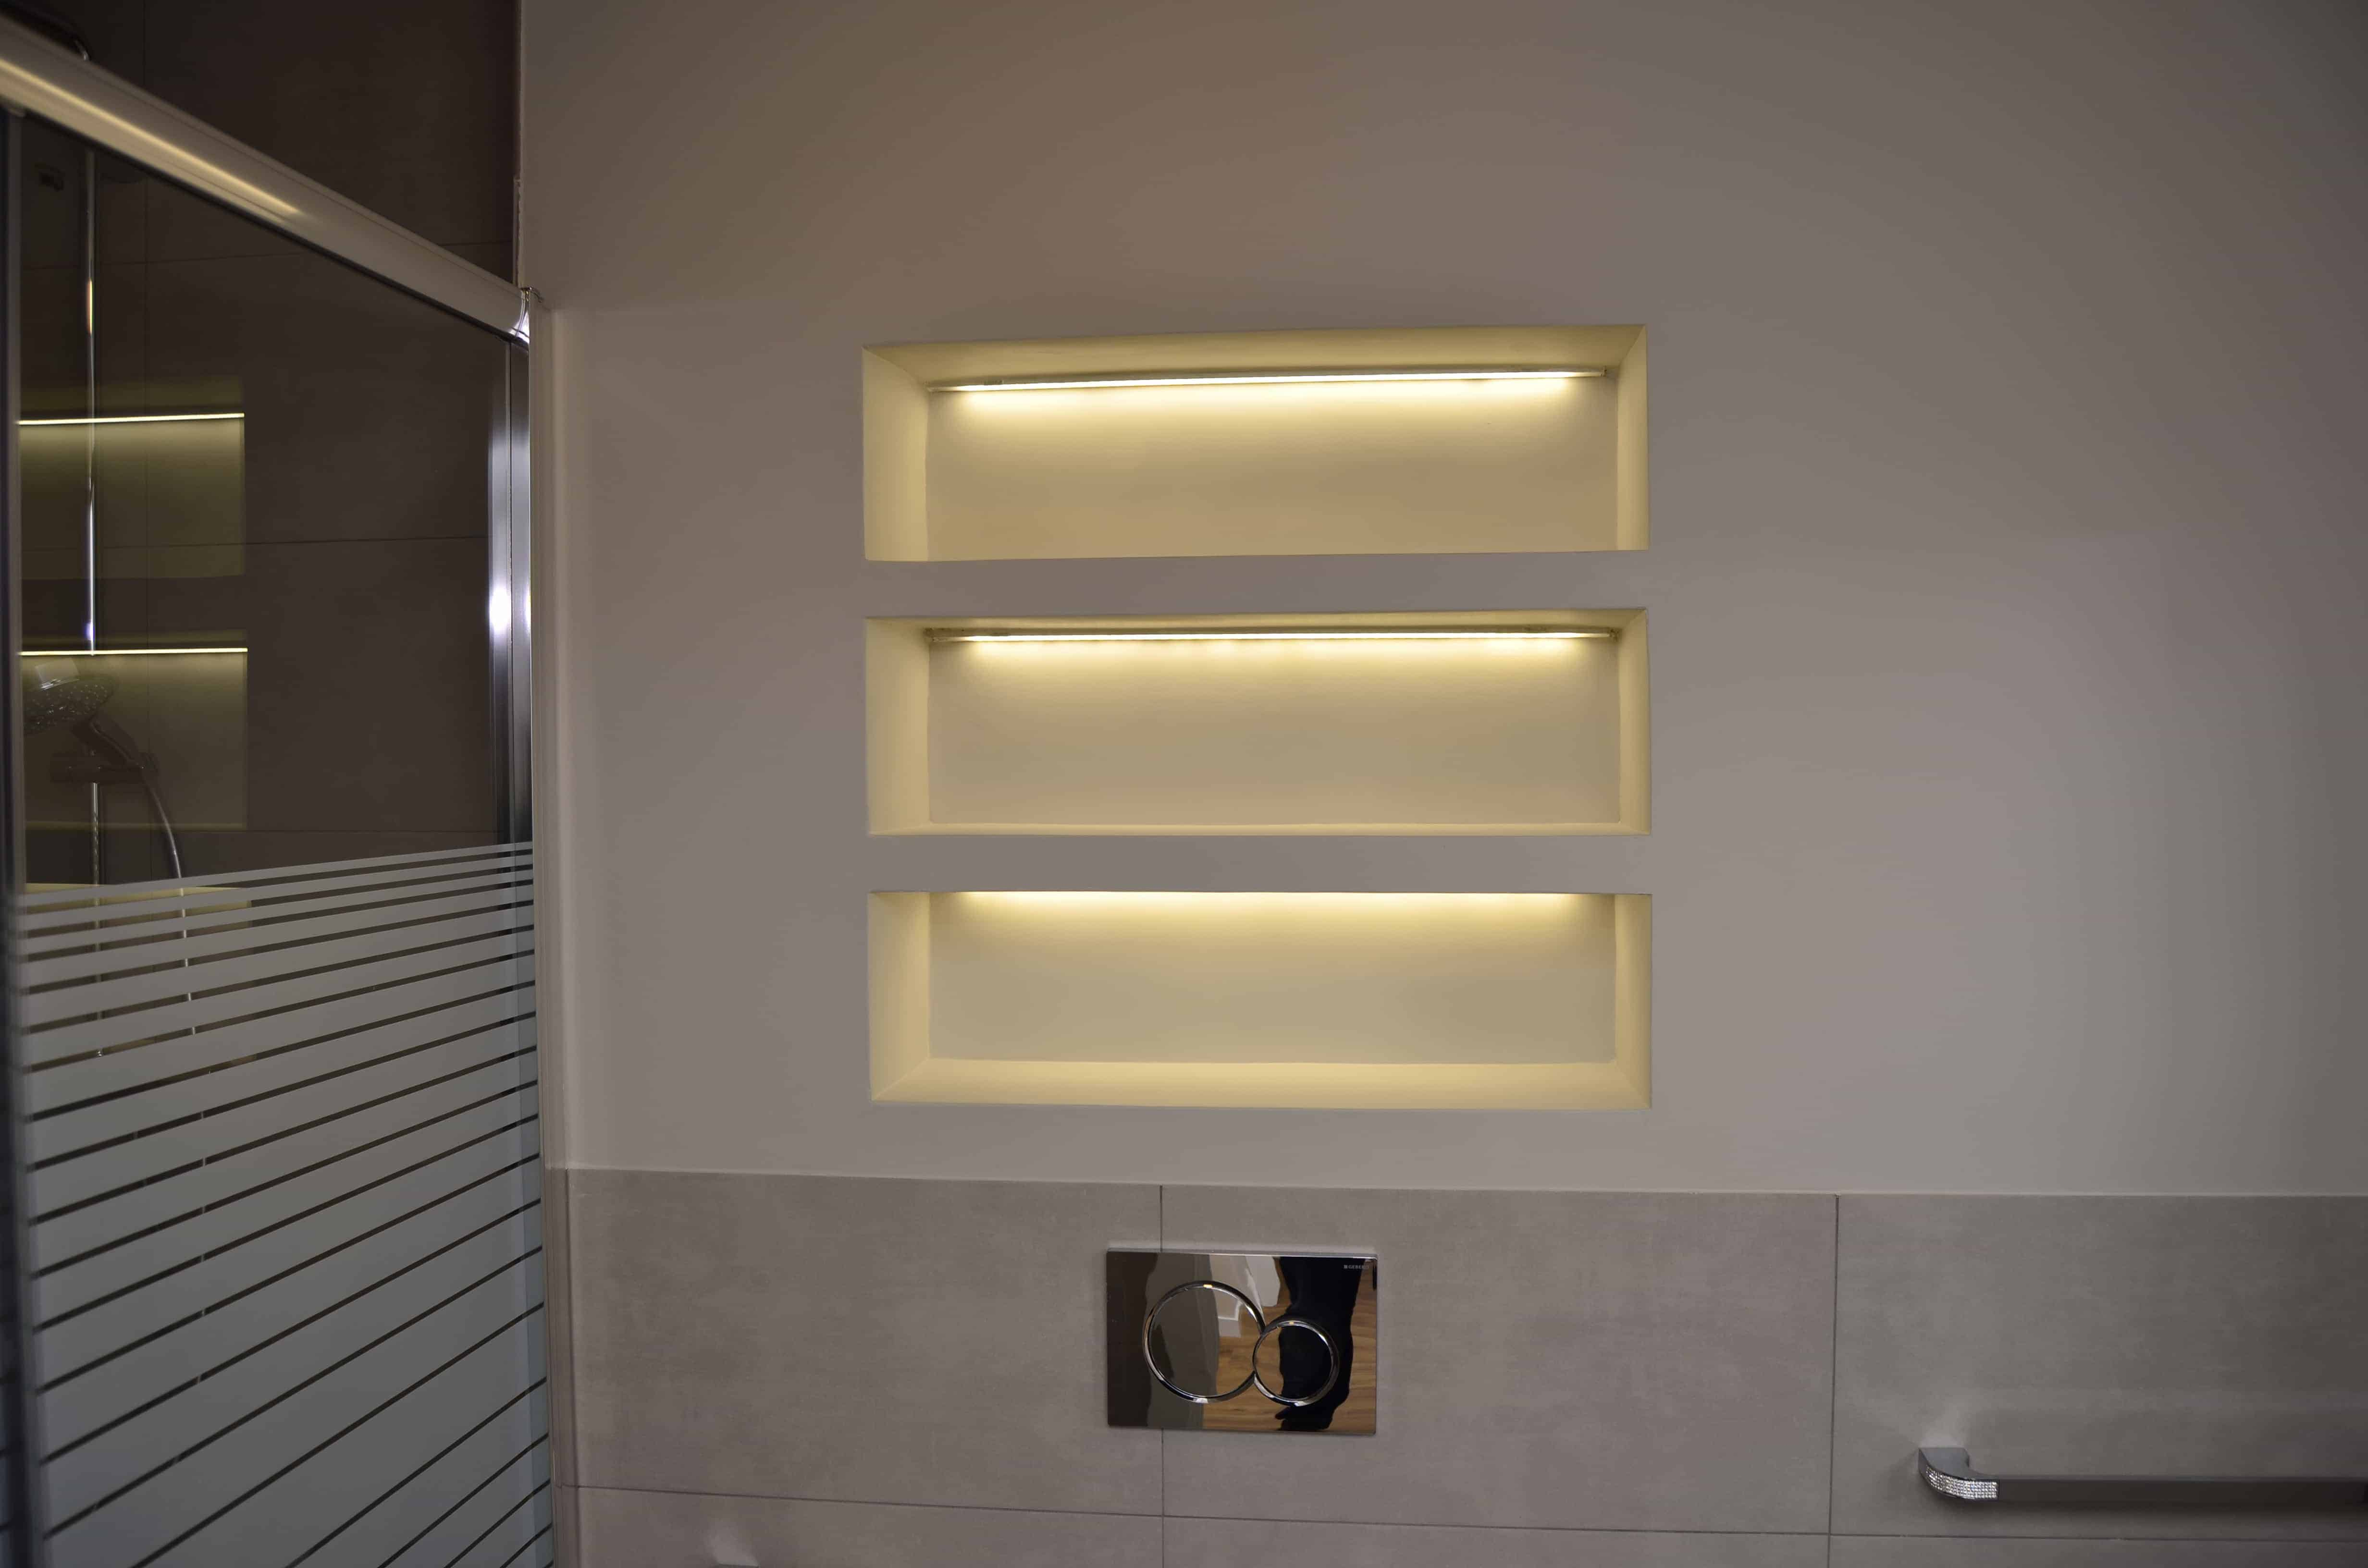 iluminación lavabo contract solutions